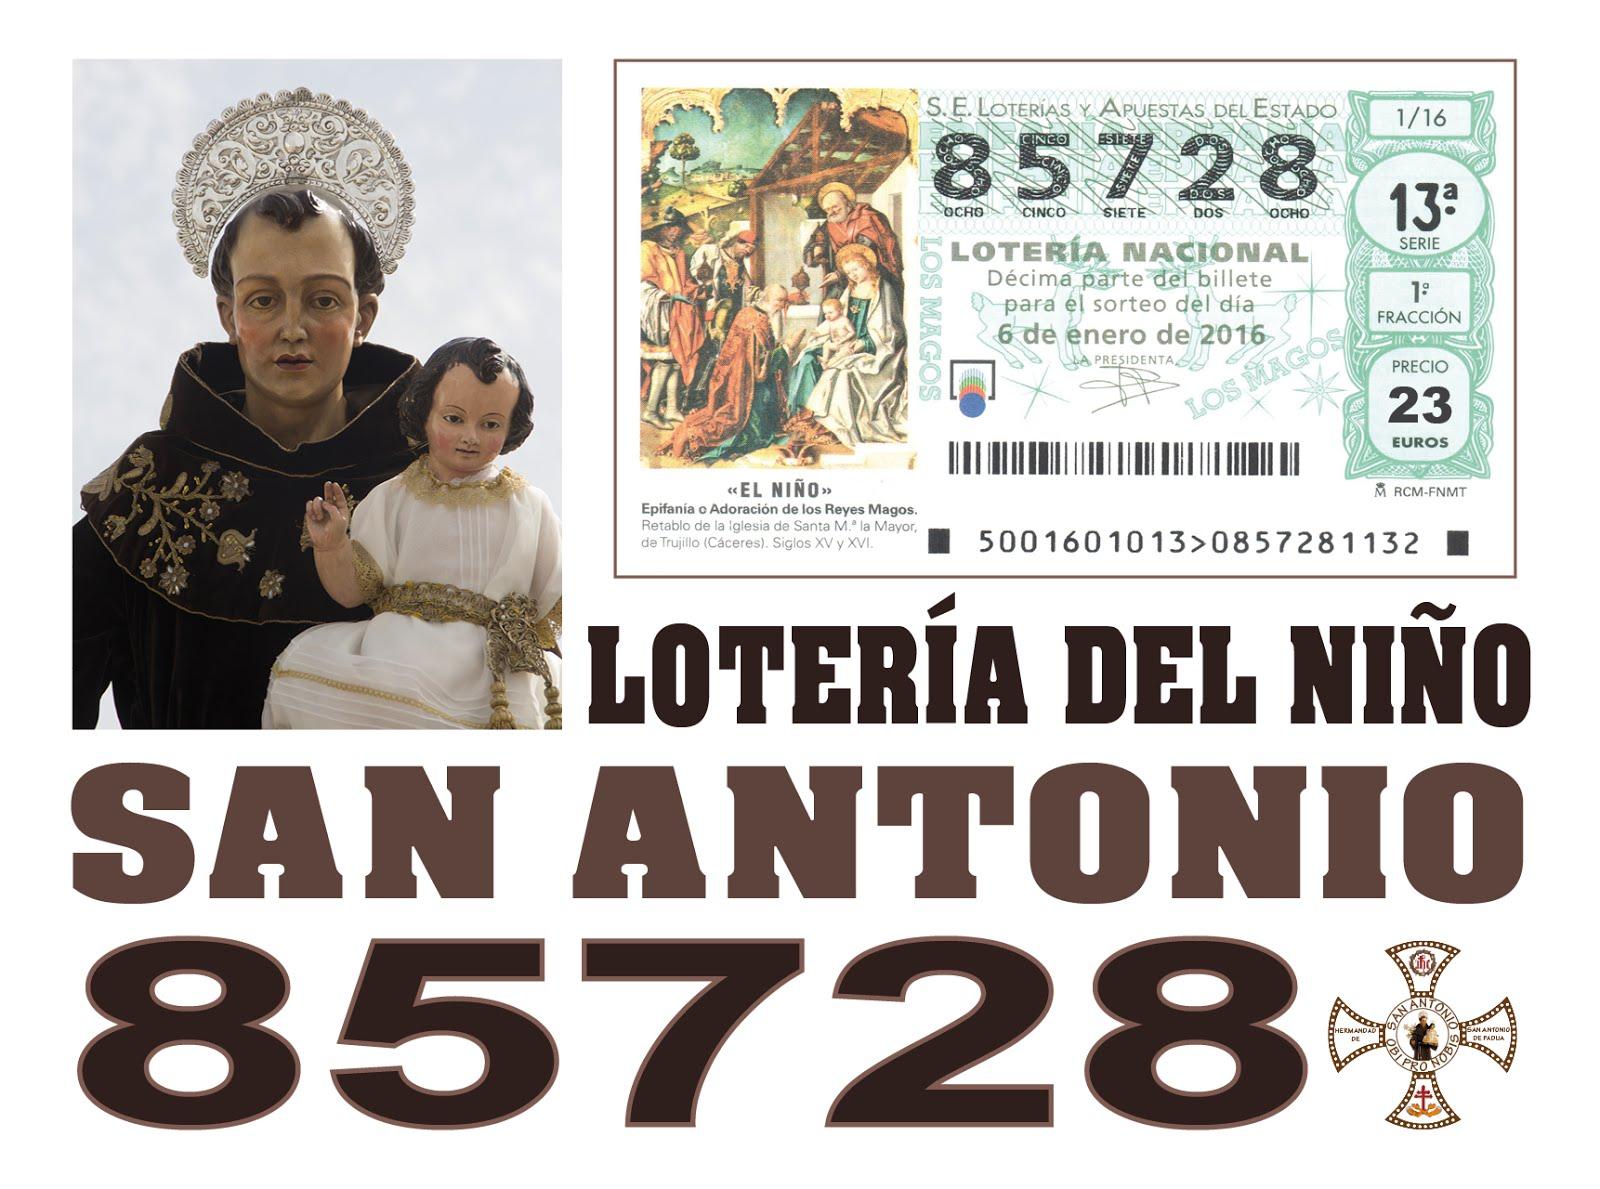 Loteria del Niño 2016